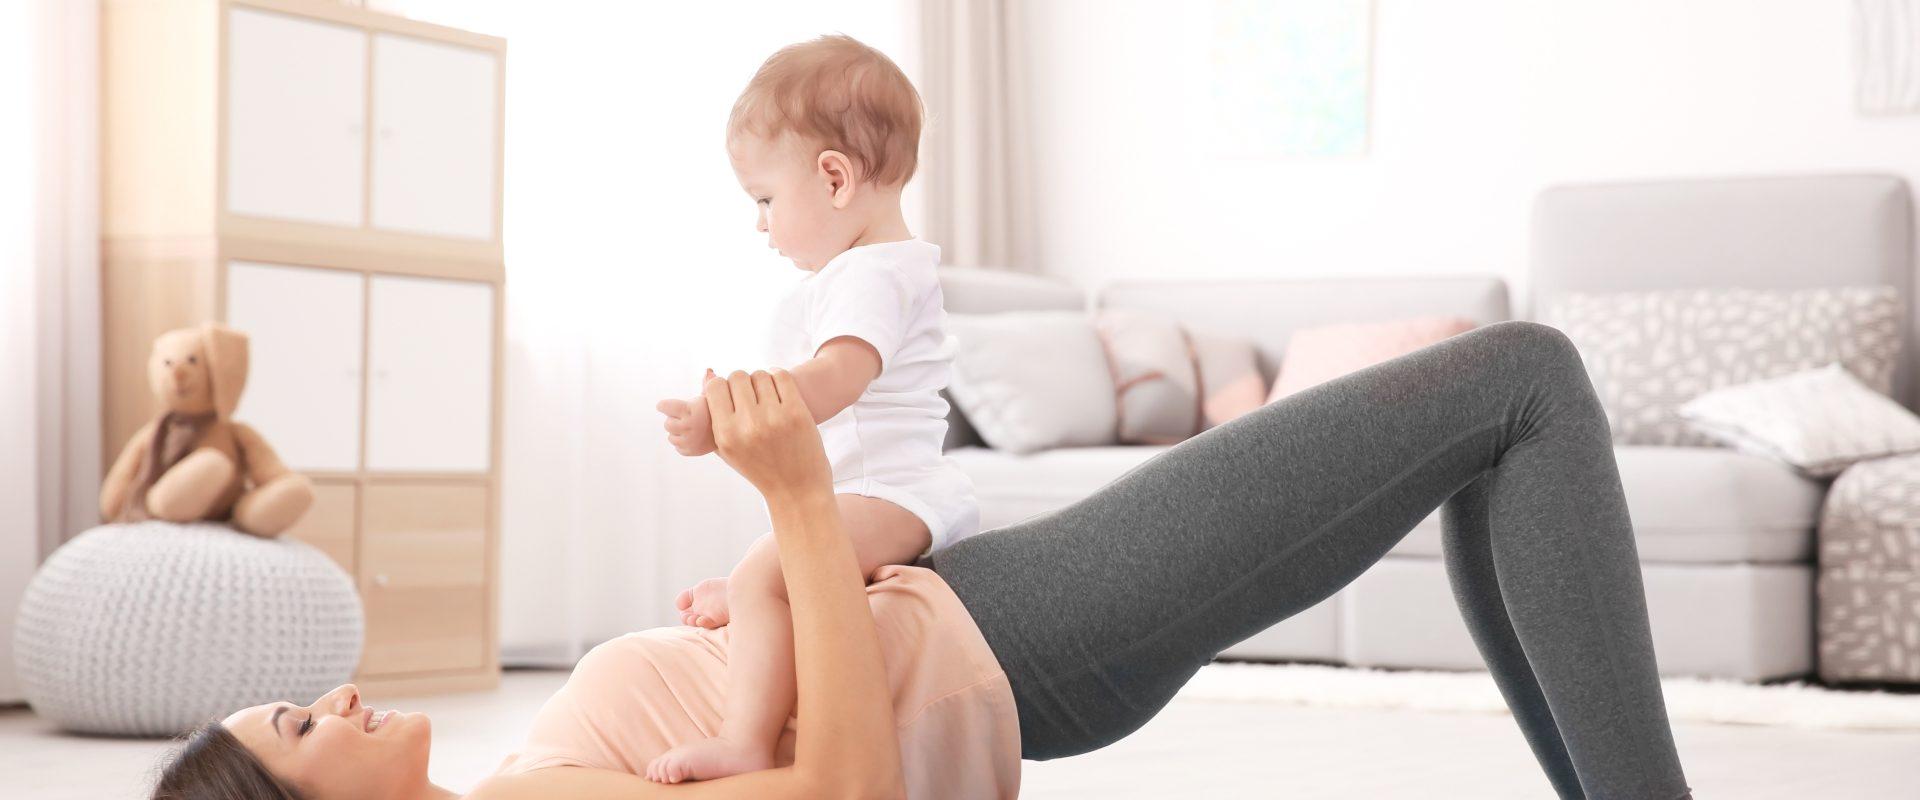 Ćwiczenia po porodzie - jak je wykonać i jakie będą bezpieczne? Mama ćwiczy z niemowlakiem na biodrach na macie w domu.